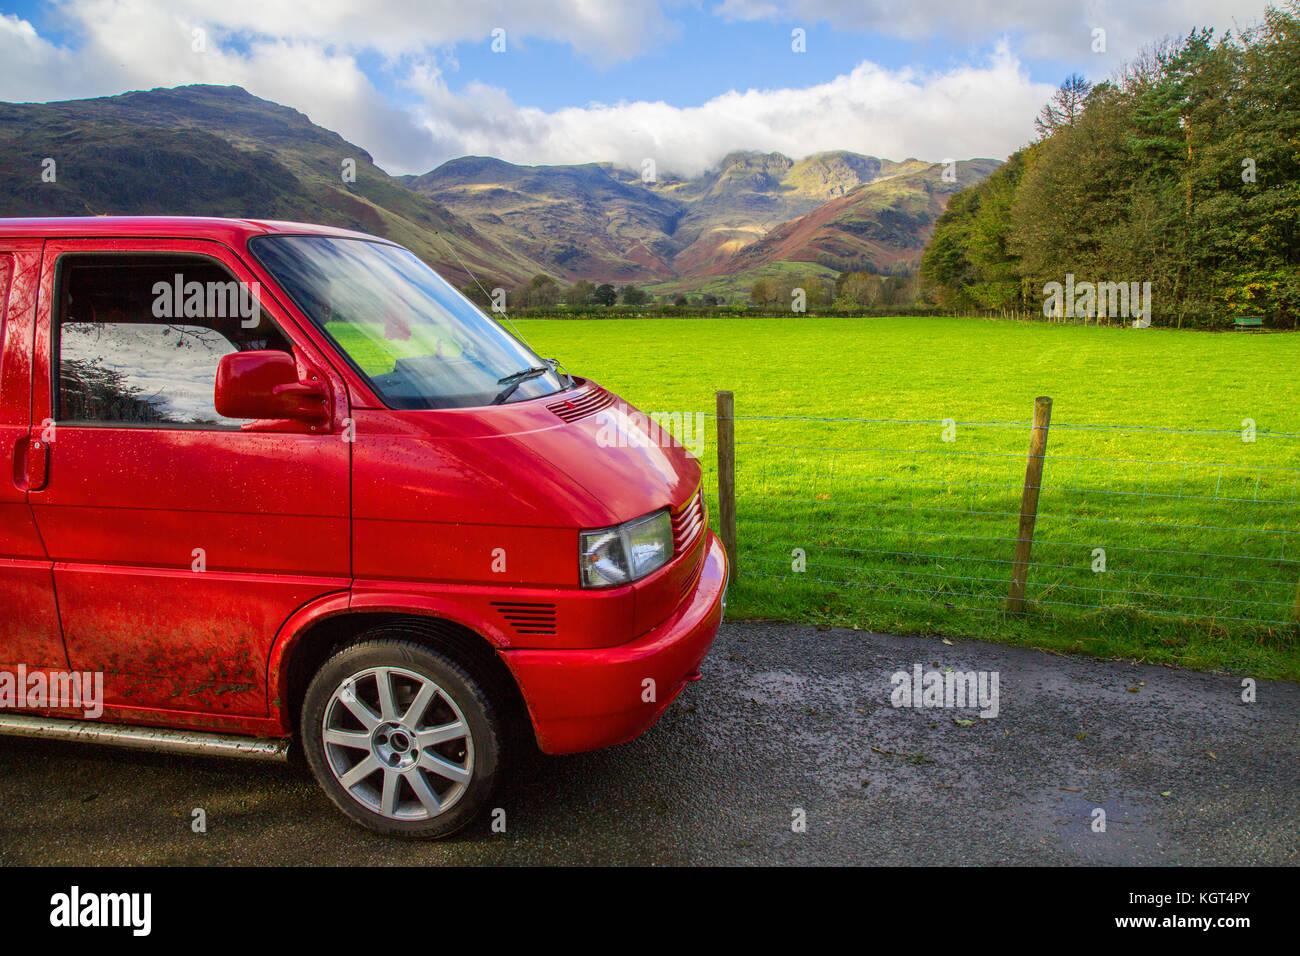 The iconic Volkswagen T4 Camper Van - Stock Image